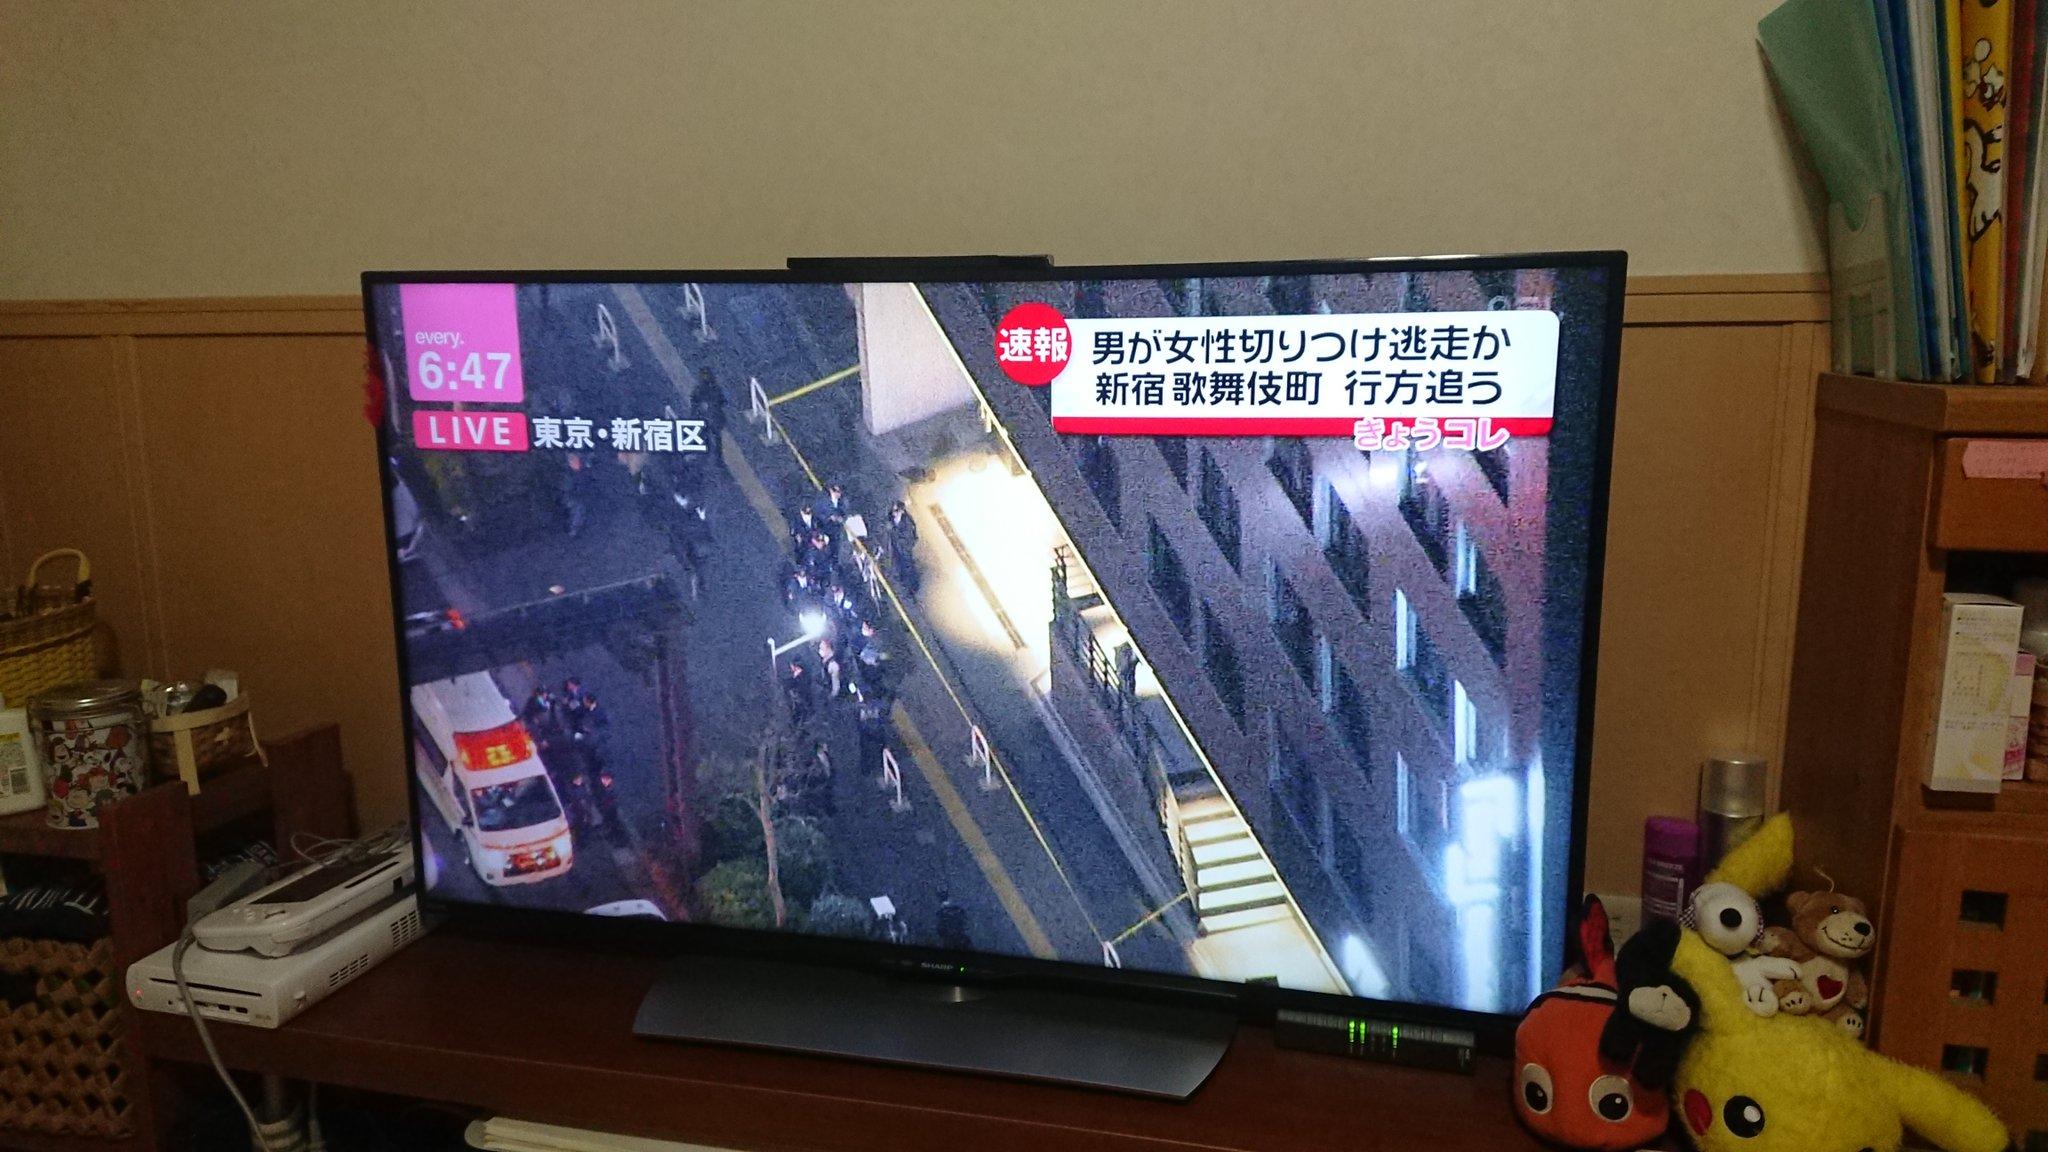 画像,速報で通り魔って出てきて「なんだろう」って思ったけど…なんだ歌舞伎町か😑何も不思議じゃないわ https://t.co/PeRpWyMjWe…